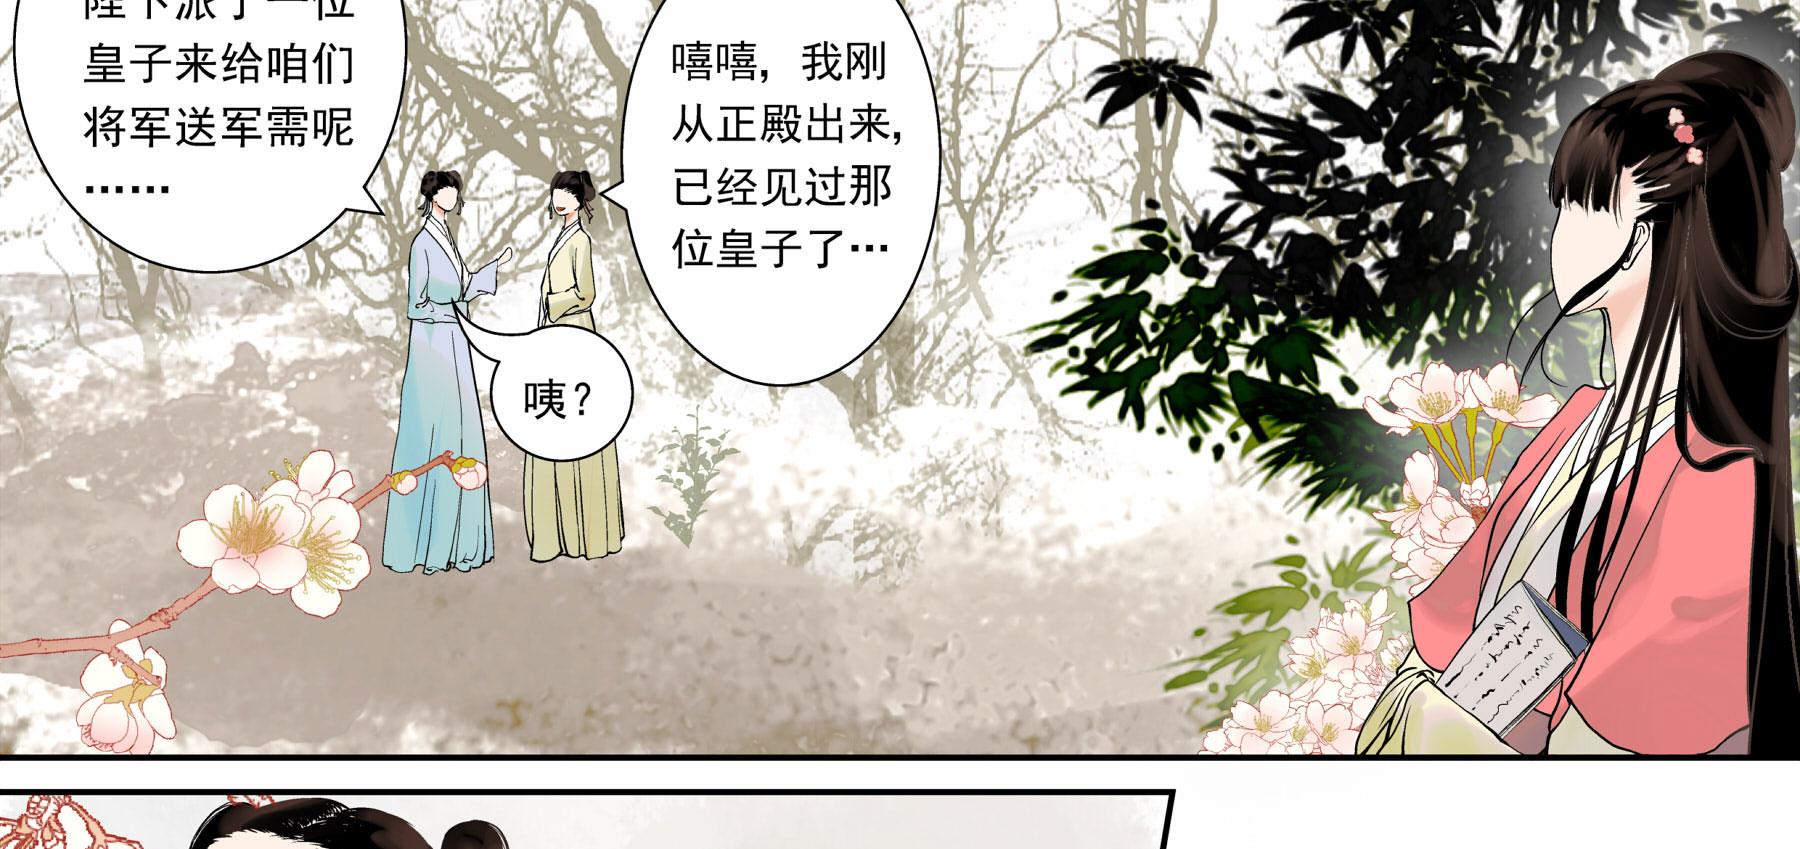 【免费漫画】他们深爱入骨却被告知是兄妹,原来这一切都是她的阴谋....